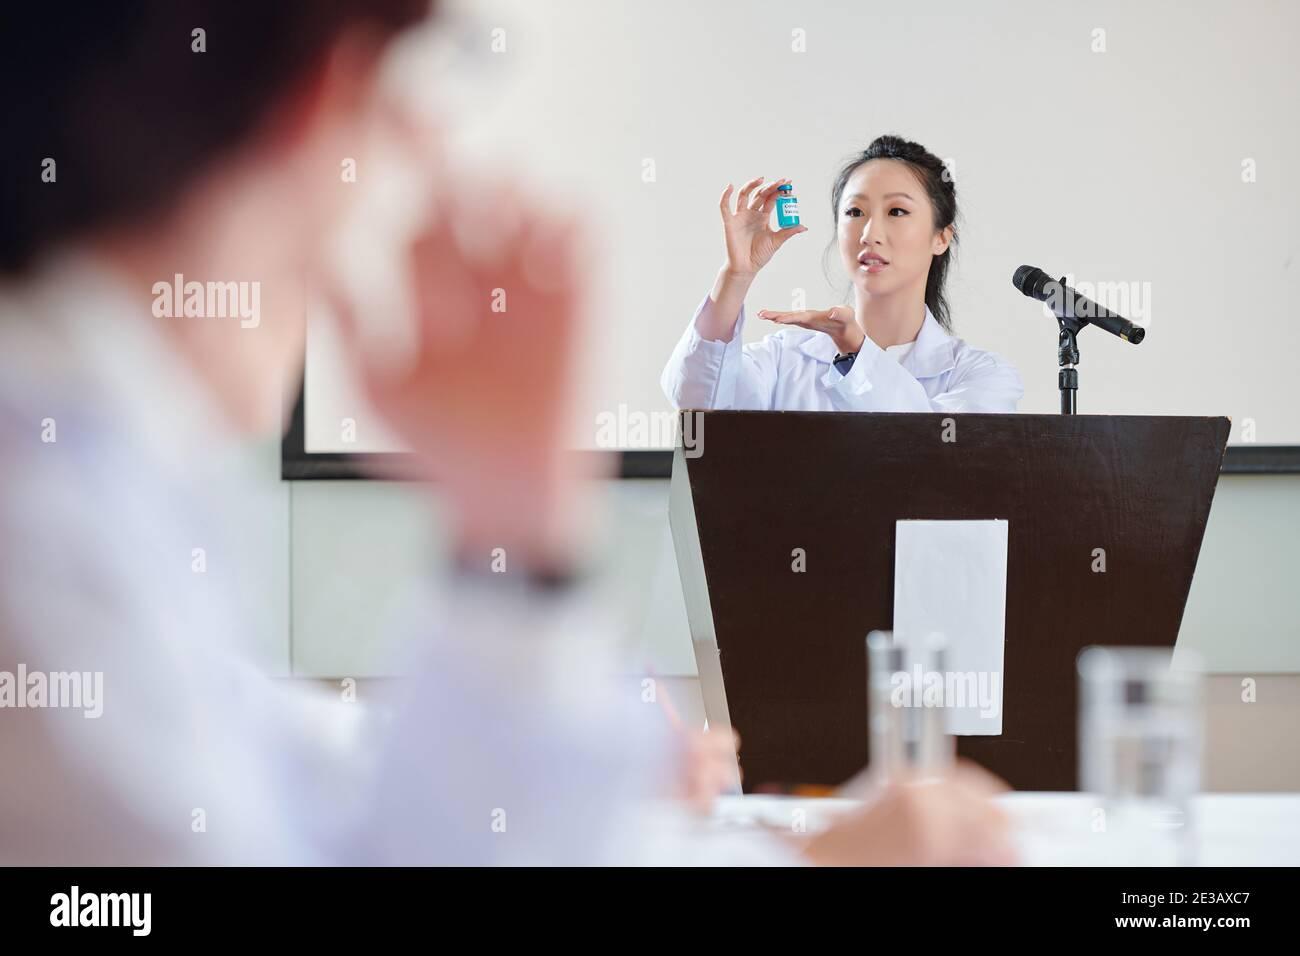 Joven científica China hablando en Tribune sobre la prueba de nueva vacuna contra el coronavirus desarrollada por su equipo Foto de stock